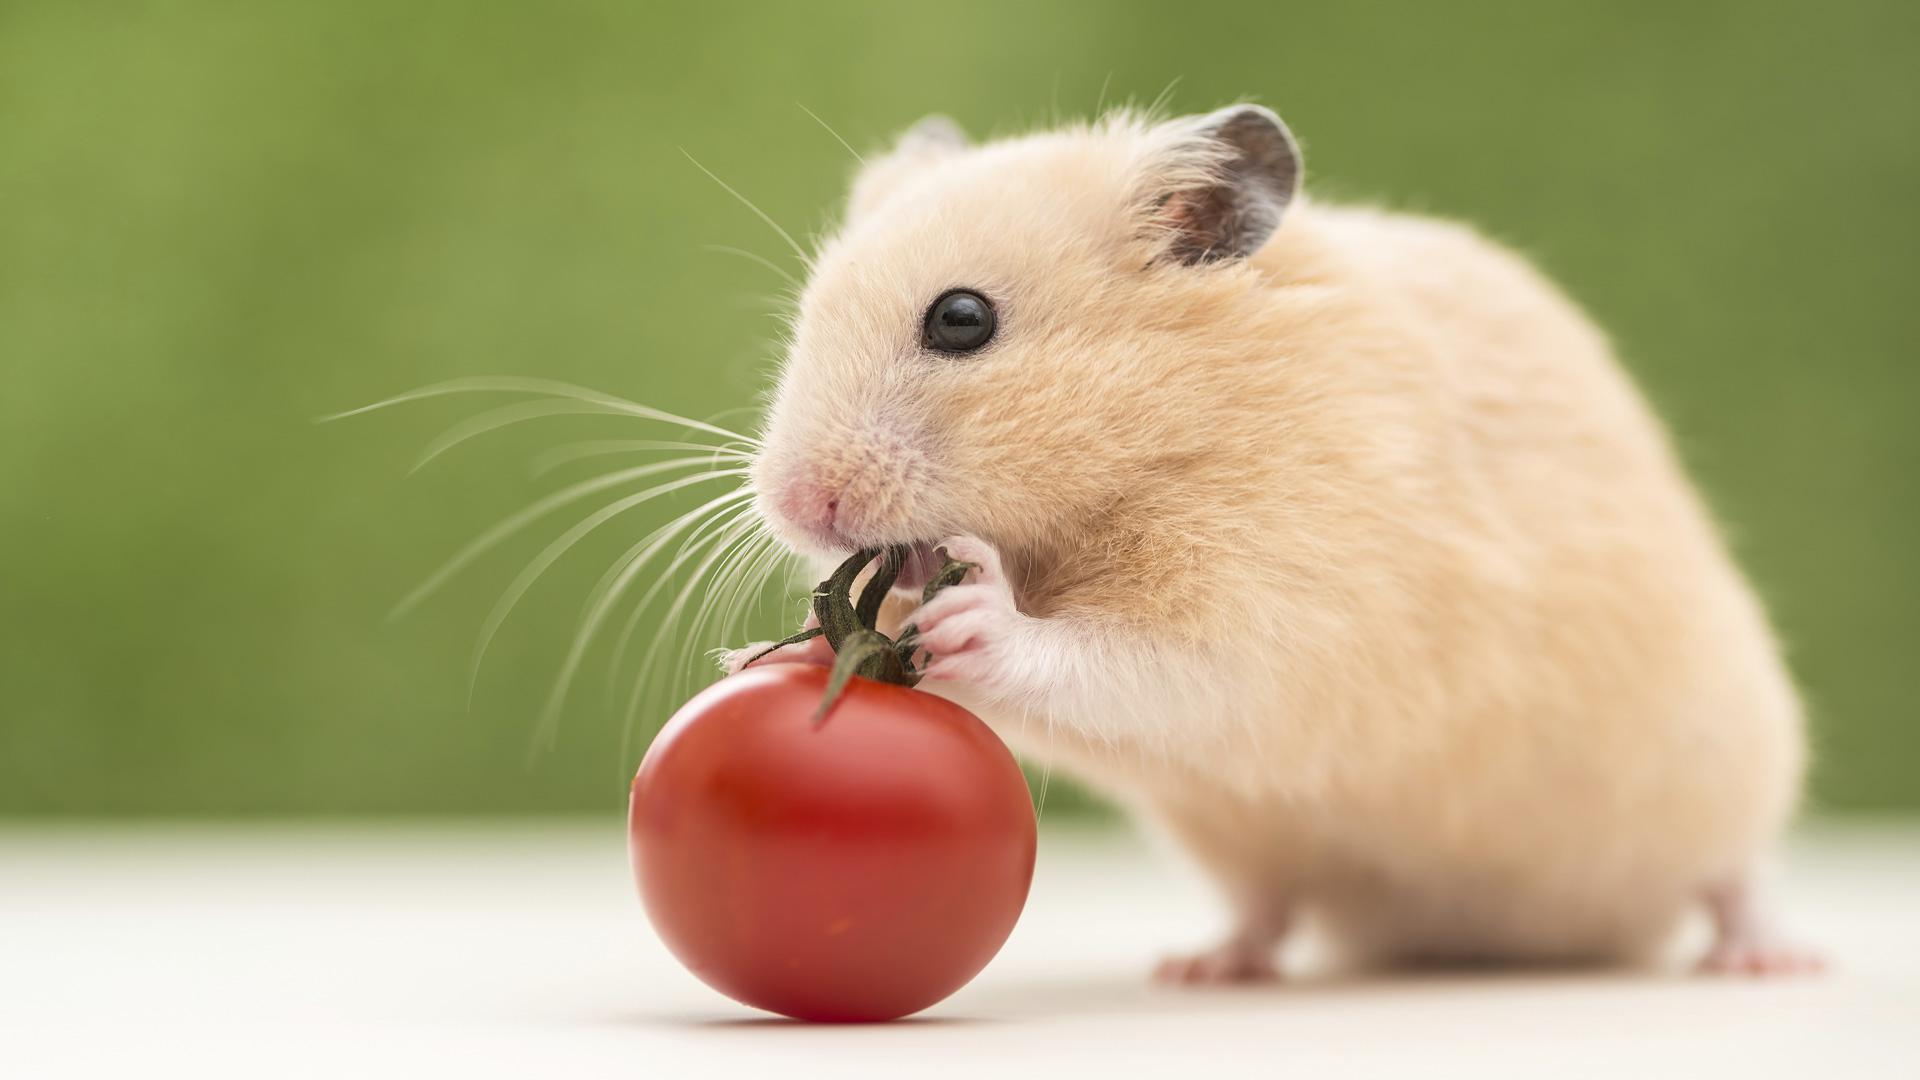 Hamster eating tomato